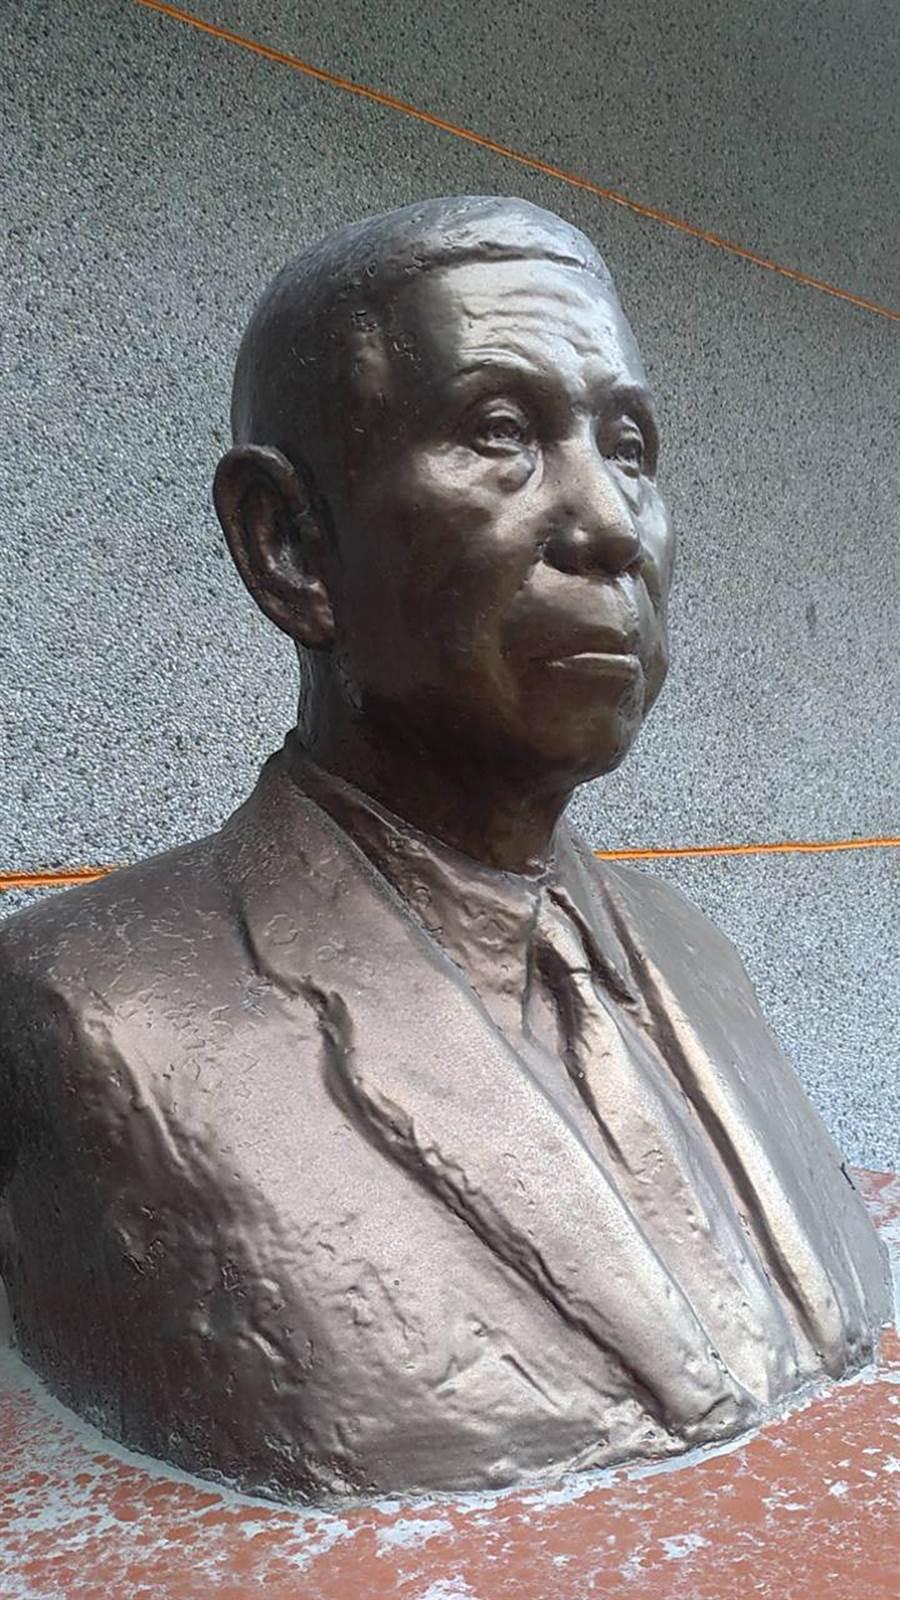 台灣著名雕塑家蒲添生的陳添貴半身銅像位於朴子高明寺。(張毓翎翻攝)